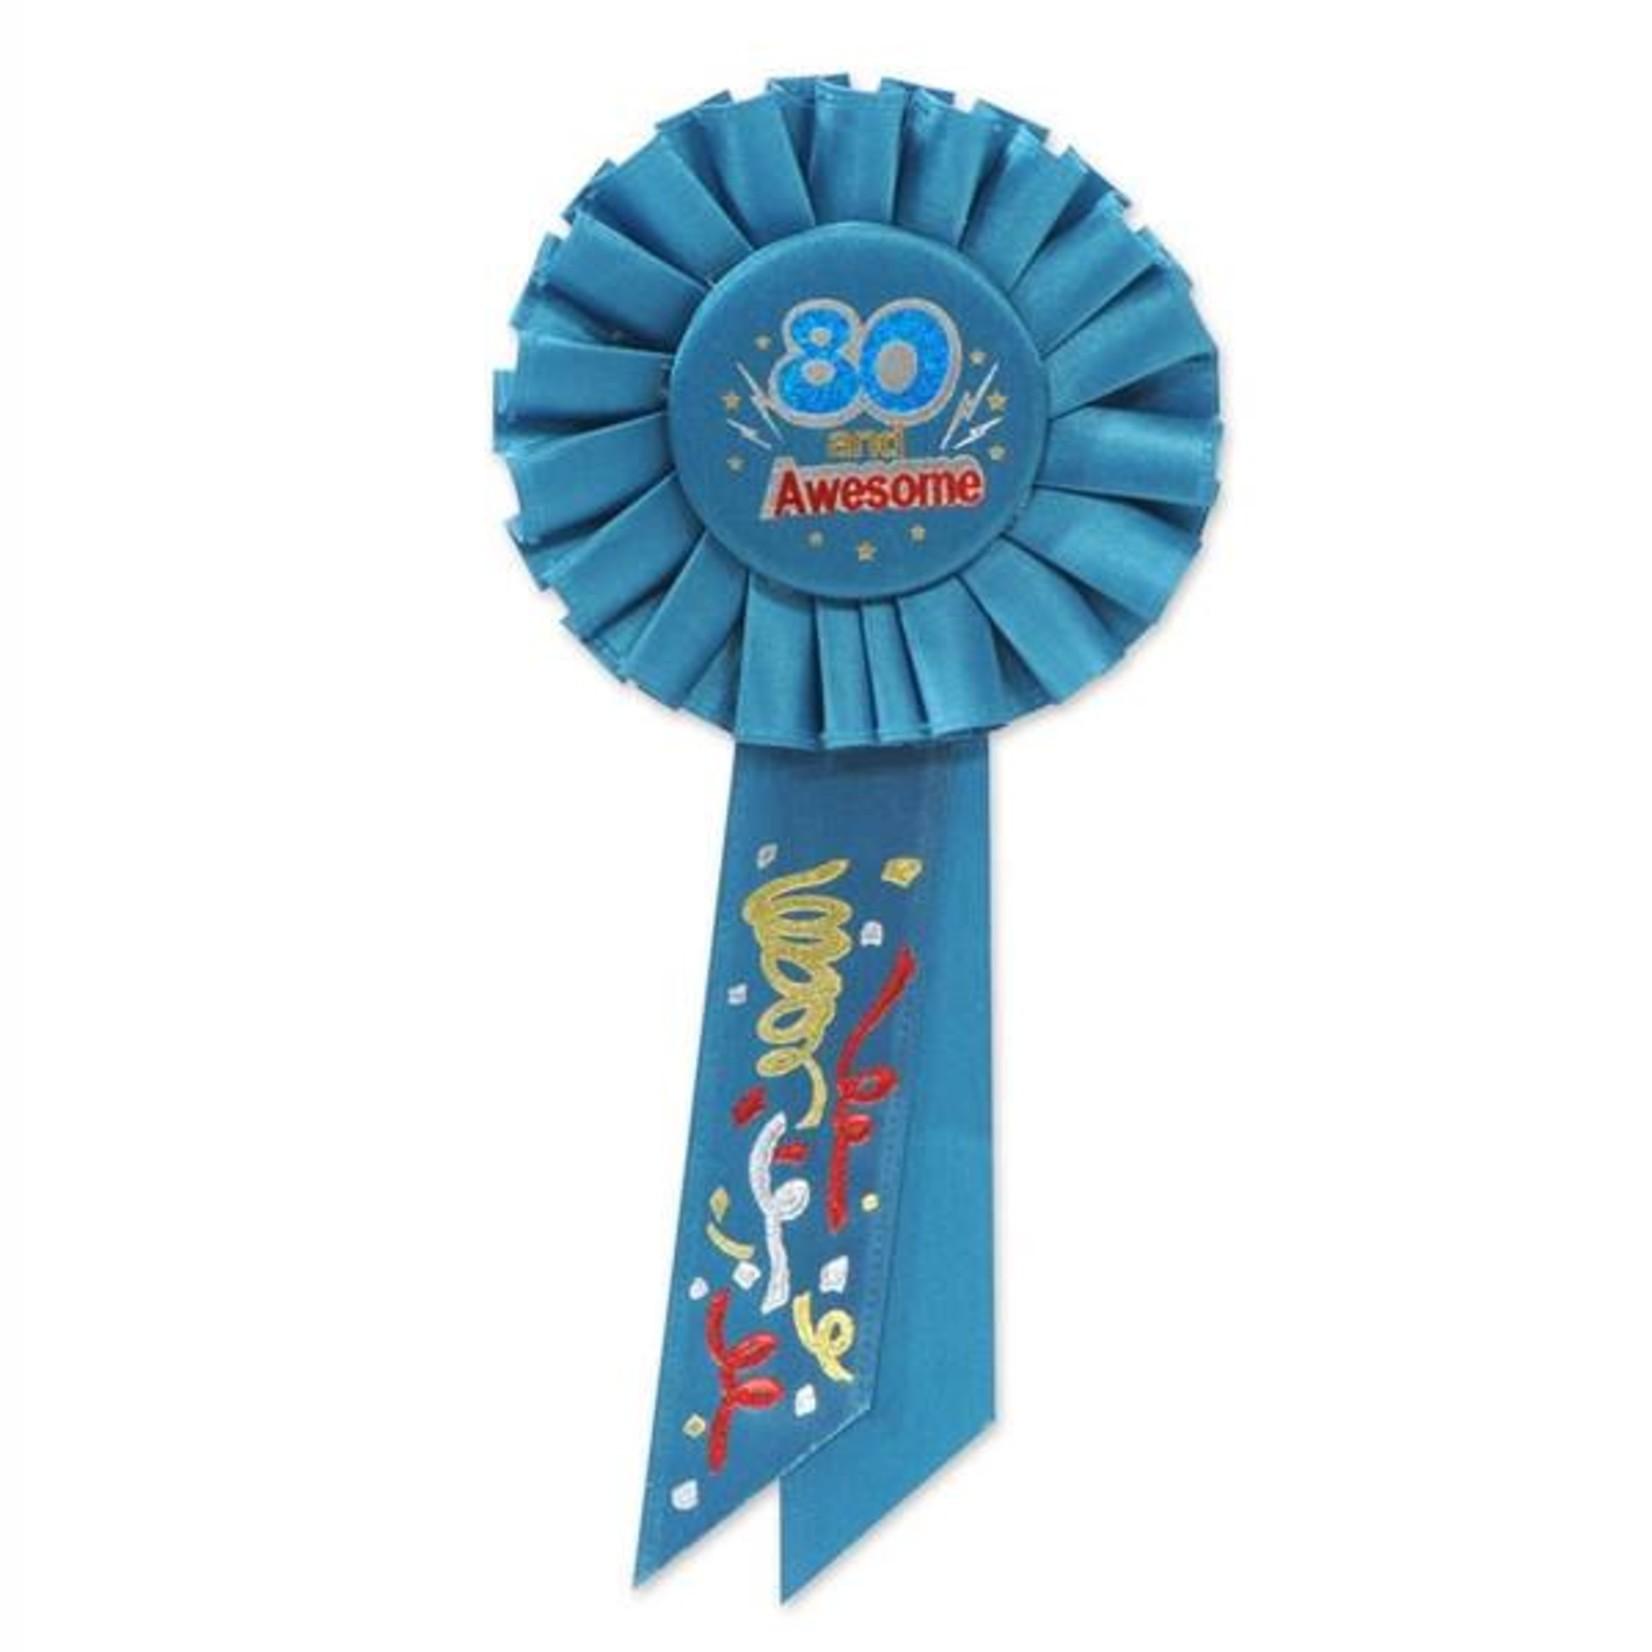 Award Ribbon - 80th